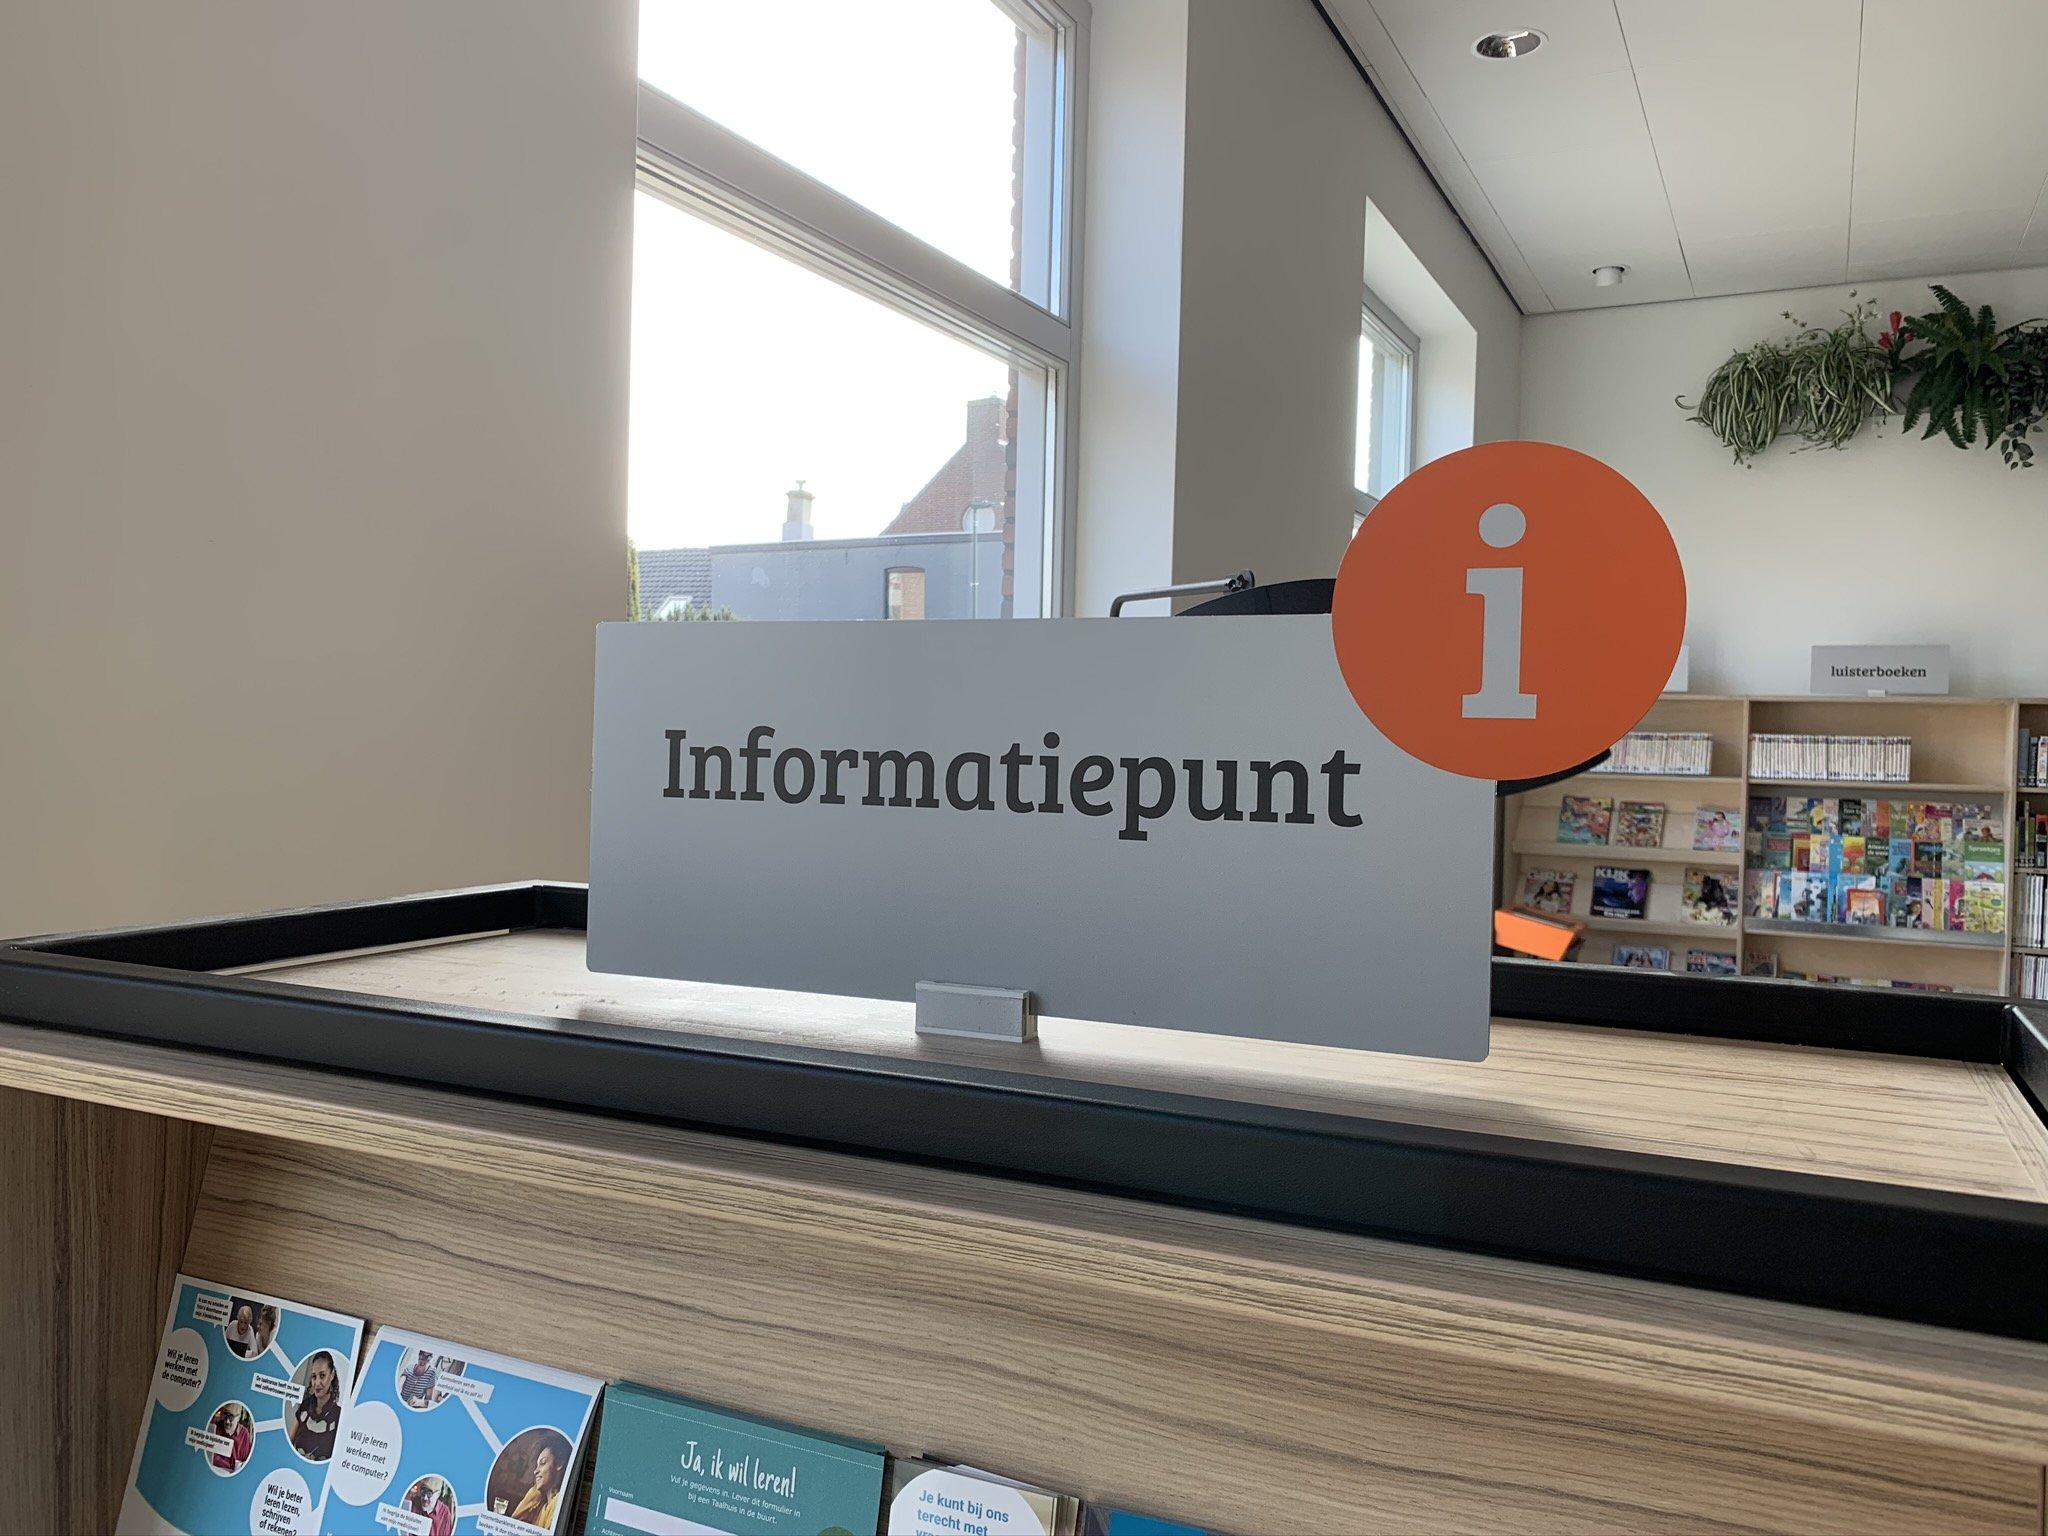 6 Informatiepunt bord